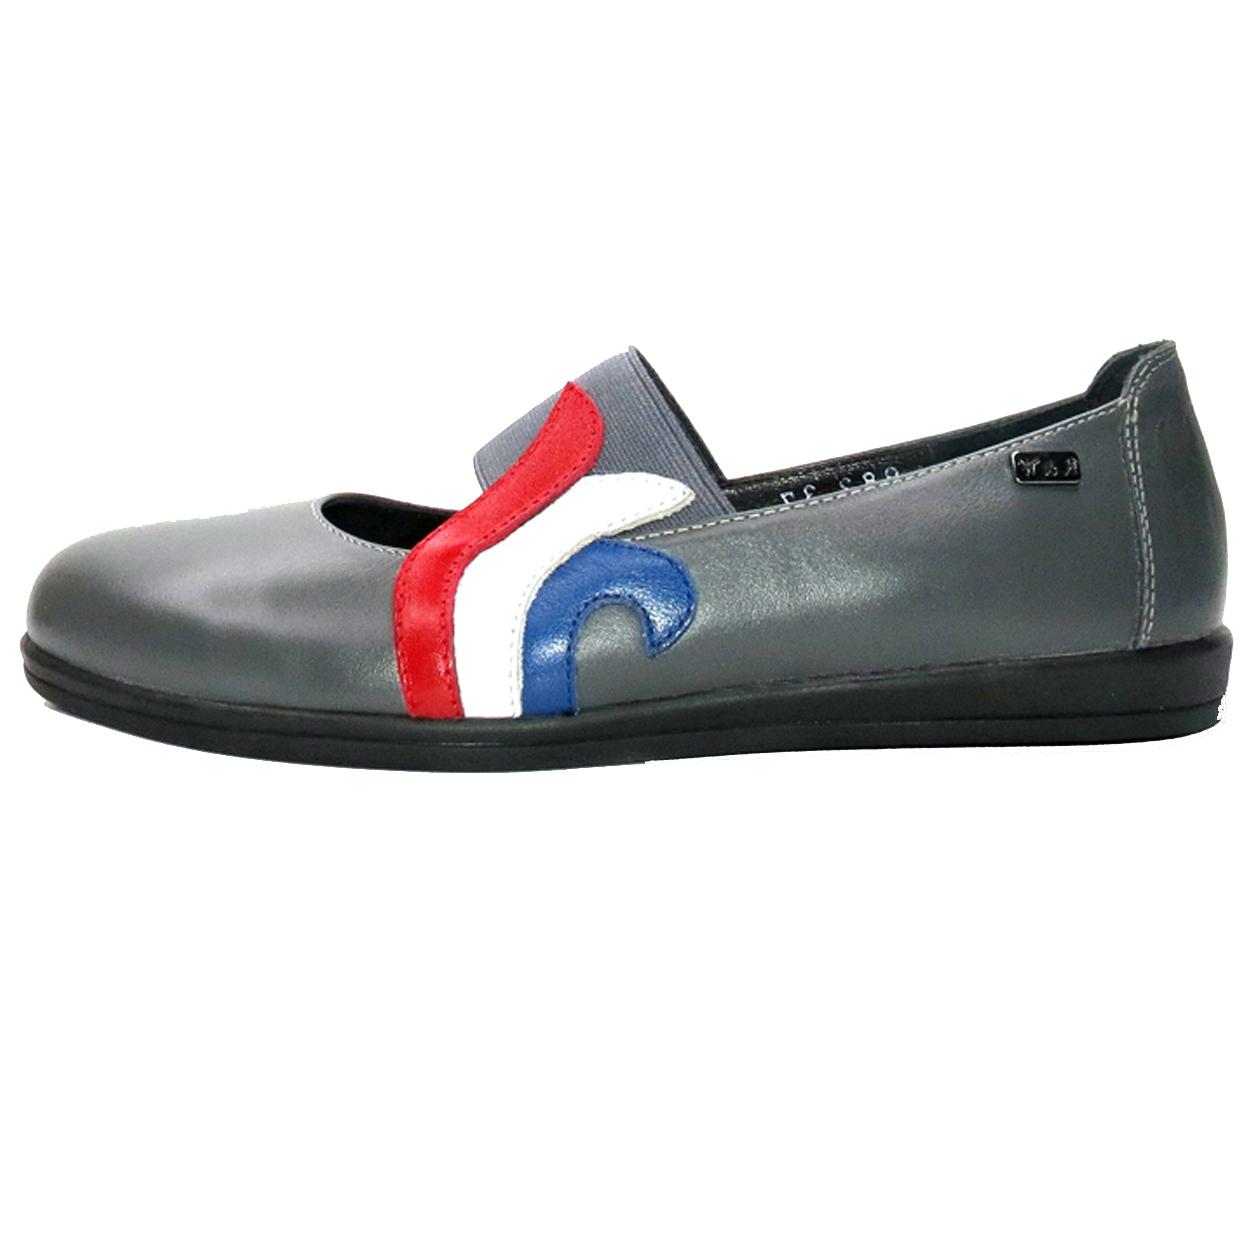 خرید                      کفش روزمره زنانه آر اند دبلیو مدل 982 رنگ طوسی